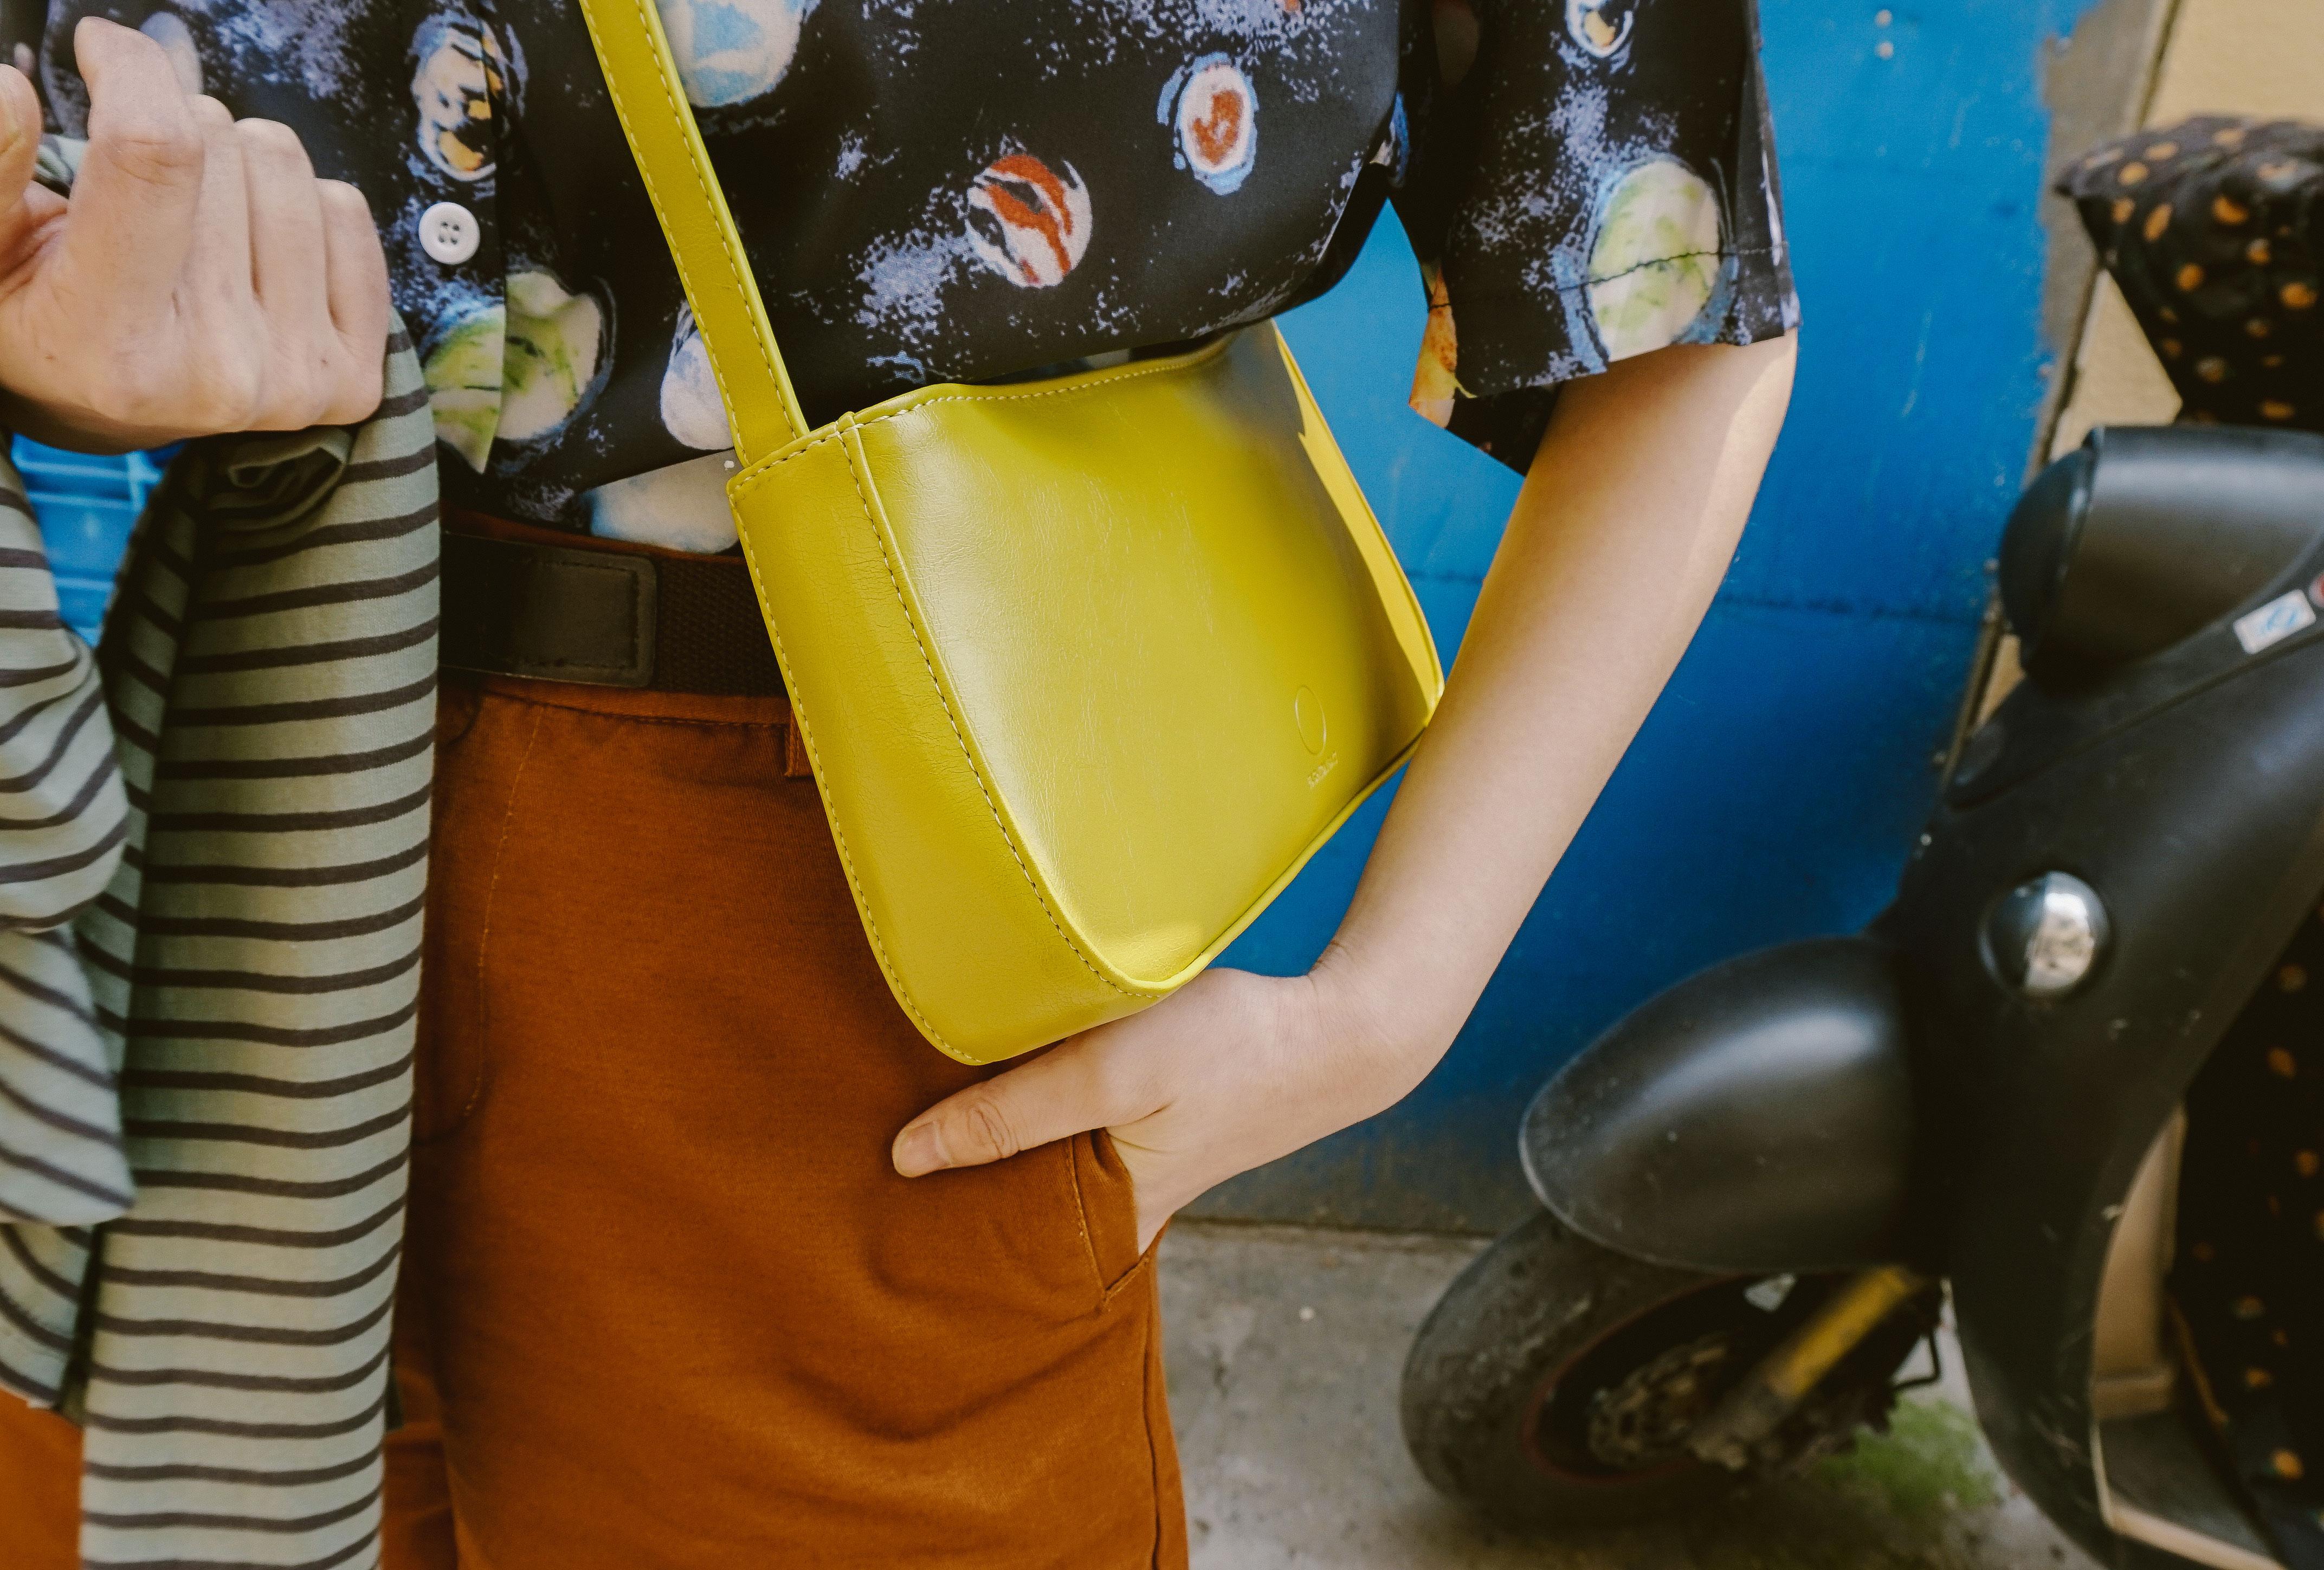 黄色斜挎包 辛德瑞拉工作室|黄色斜挎包小包女新款时尚百搭洋气单肩手提包潮_推荐淘宝好看的黄色斜挎包